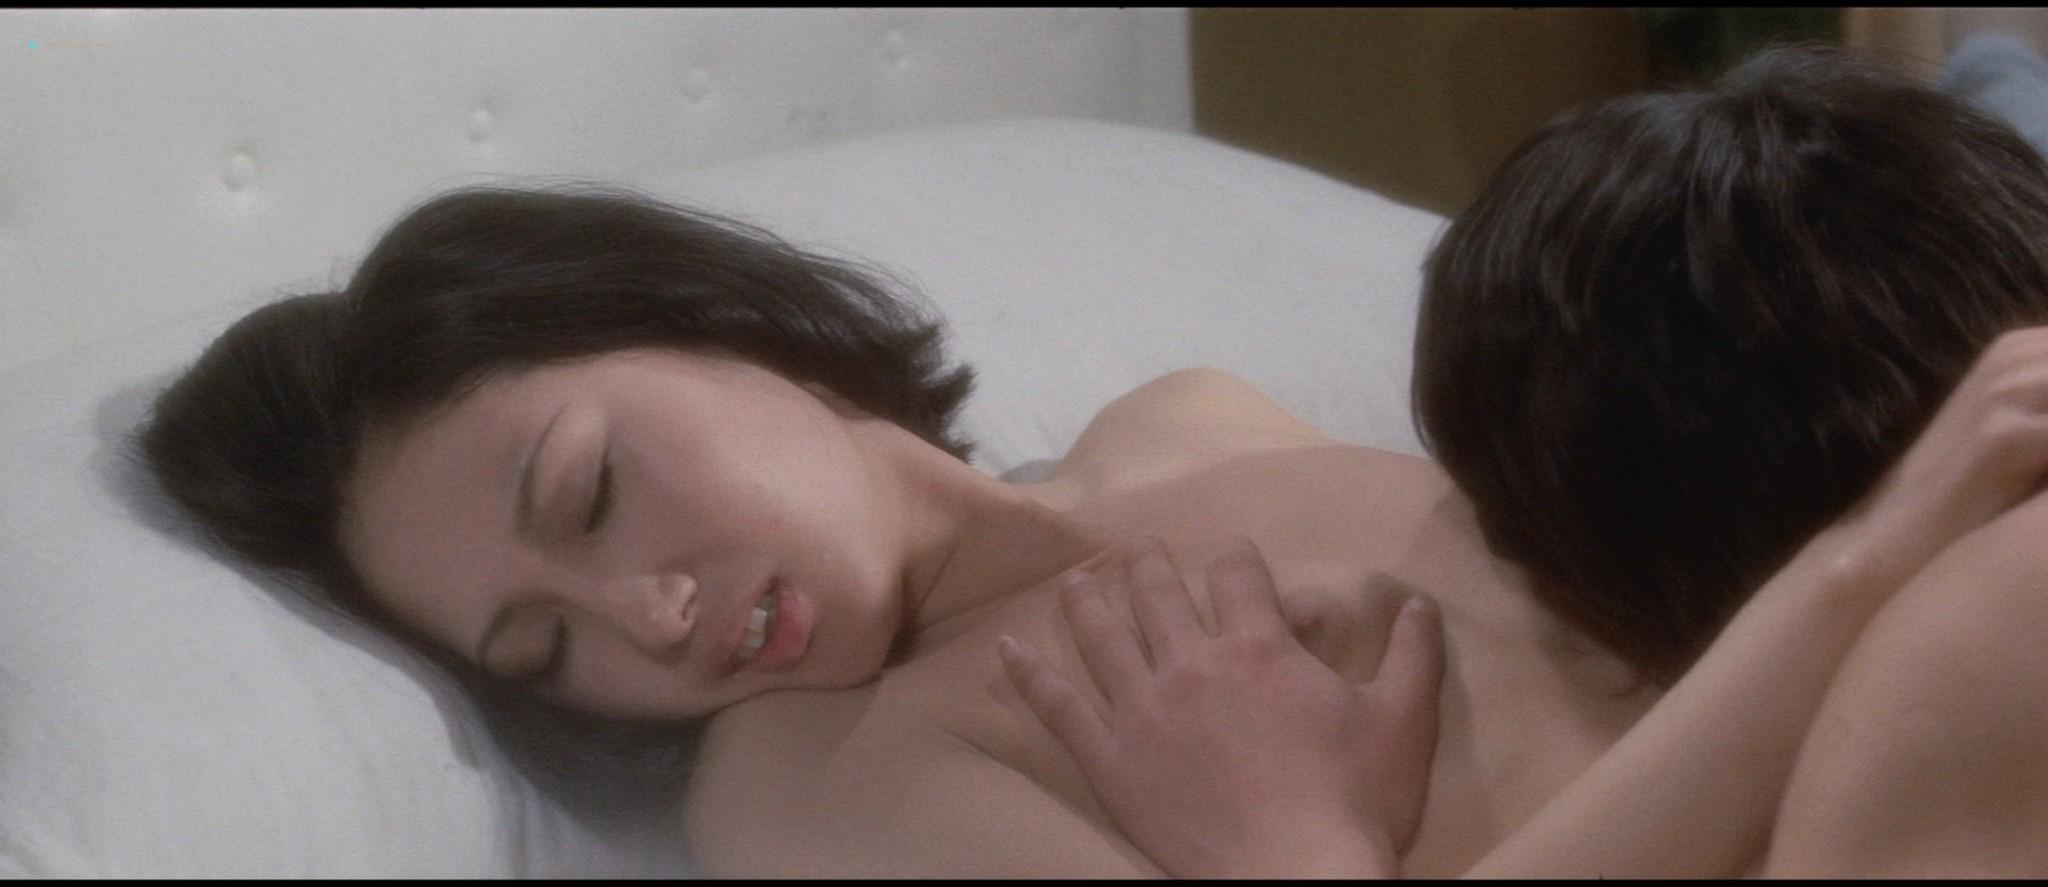 Tomoko Katsura nude sex Hidemi Hara nude sex too - Mesunekotachi no yoru (JP-1972) HD 1080p BluRay (6)